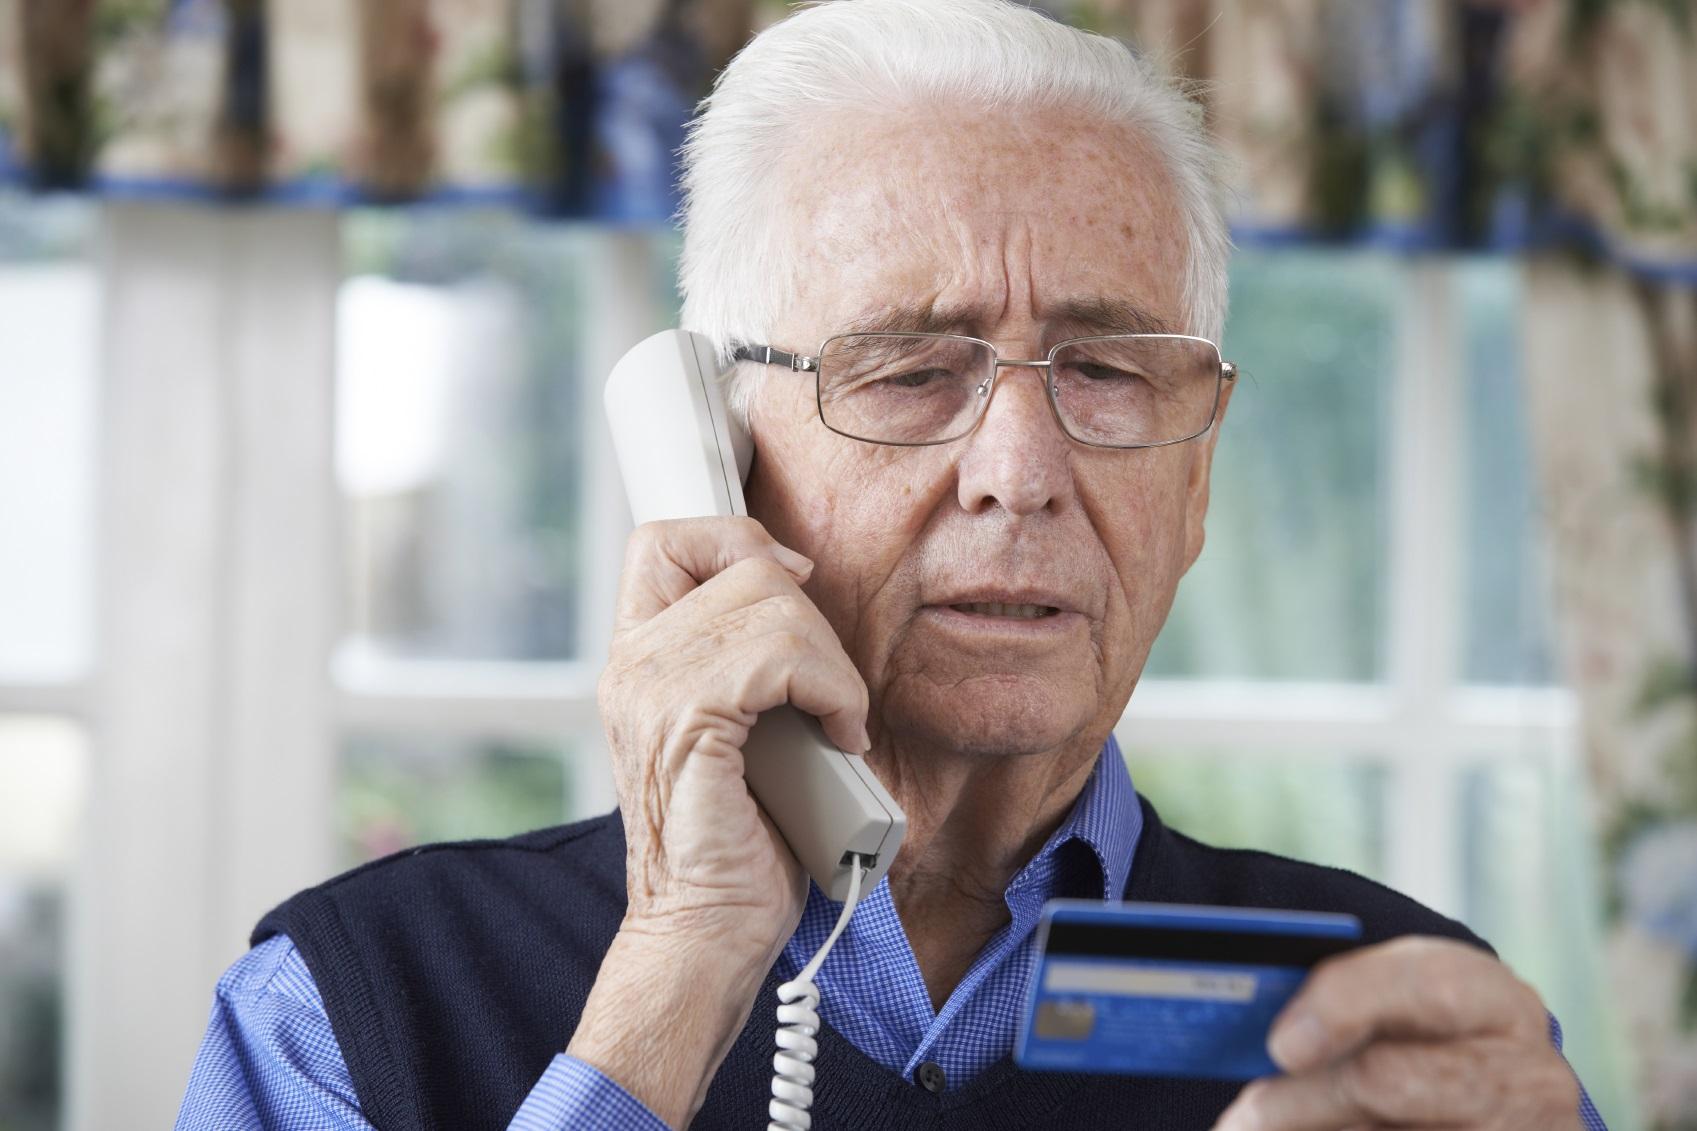 Kortbetalning vanligast men fakturaköp känns tryggast